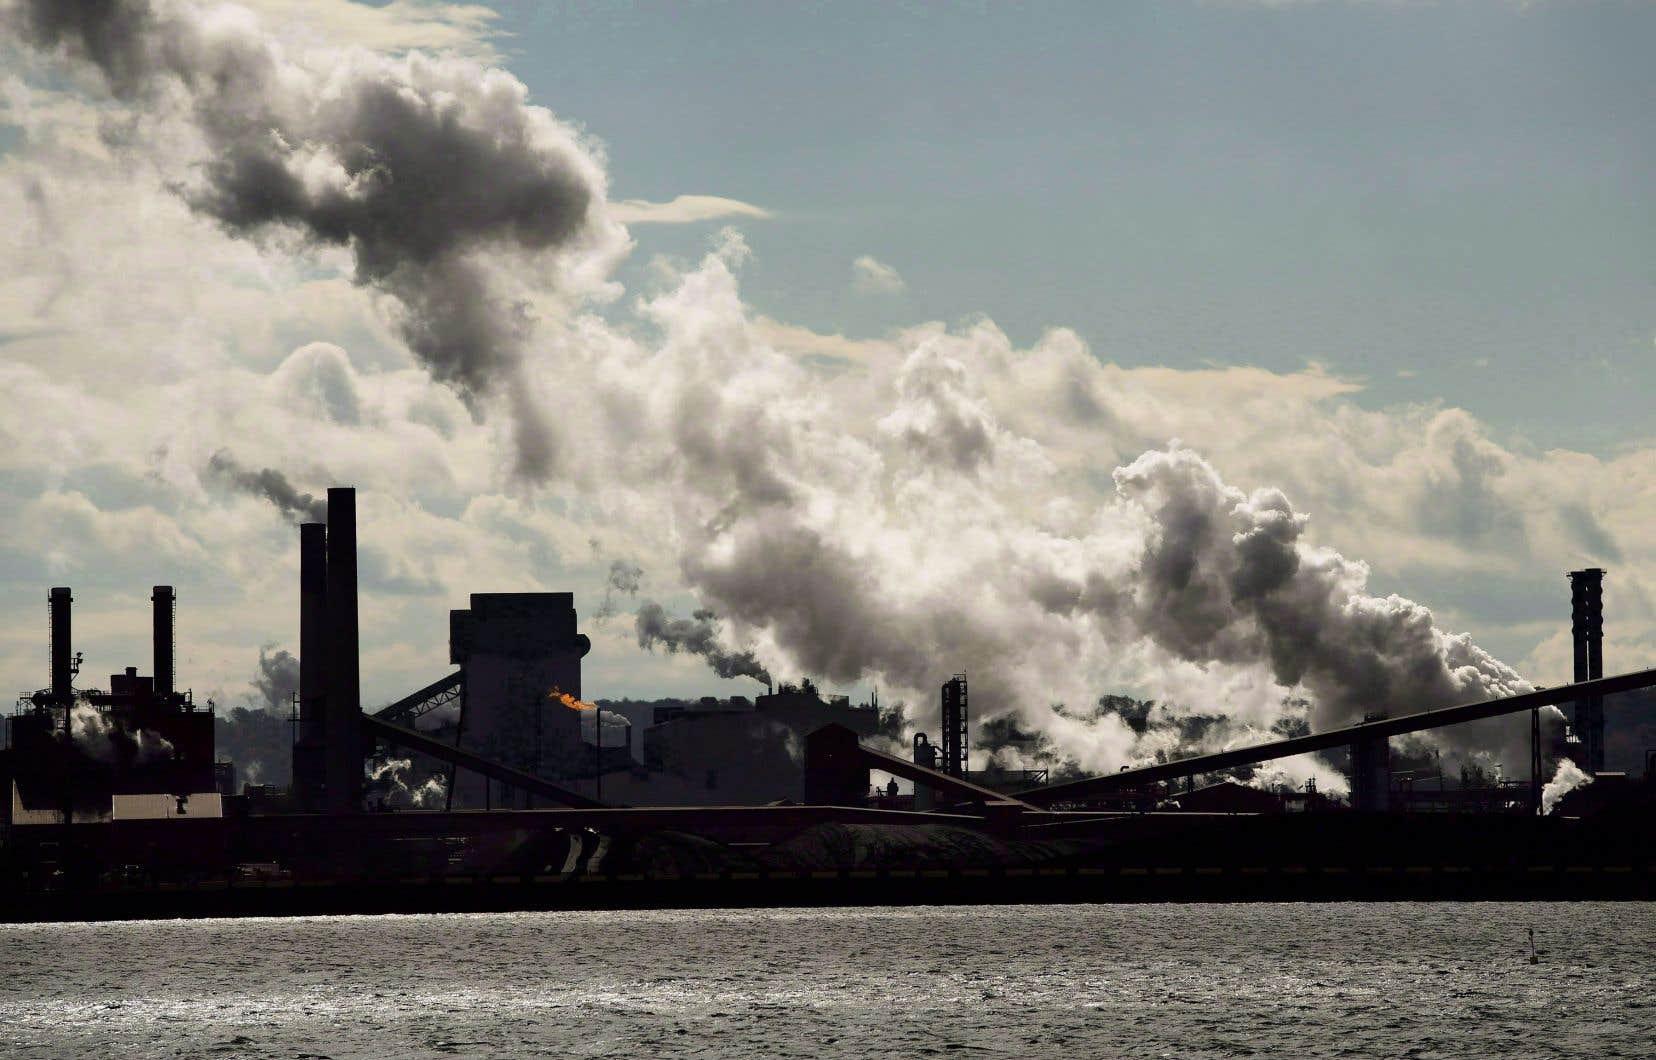 Il manque 79 mégatonnes pour que le Canada atteigne sa cible de réduction des gaz à effet de serre (GES) en 2030.